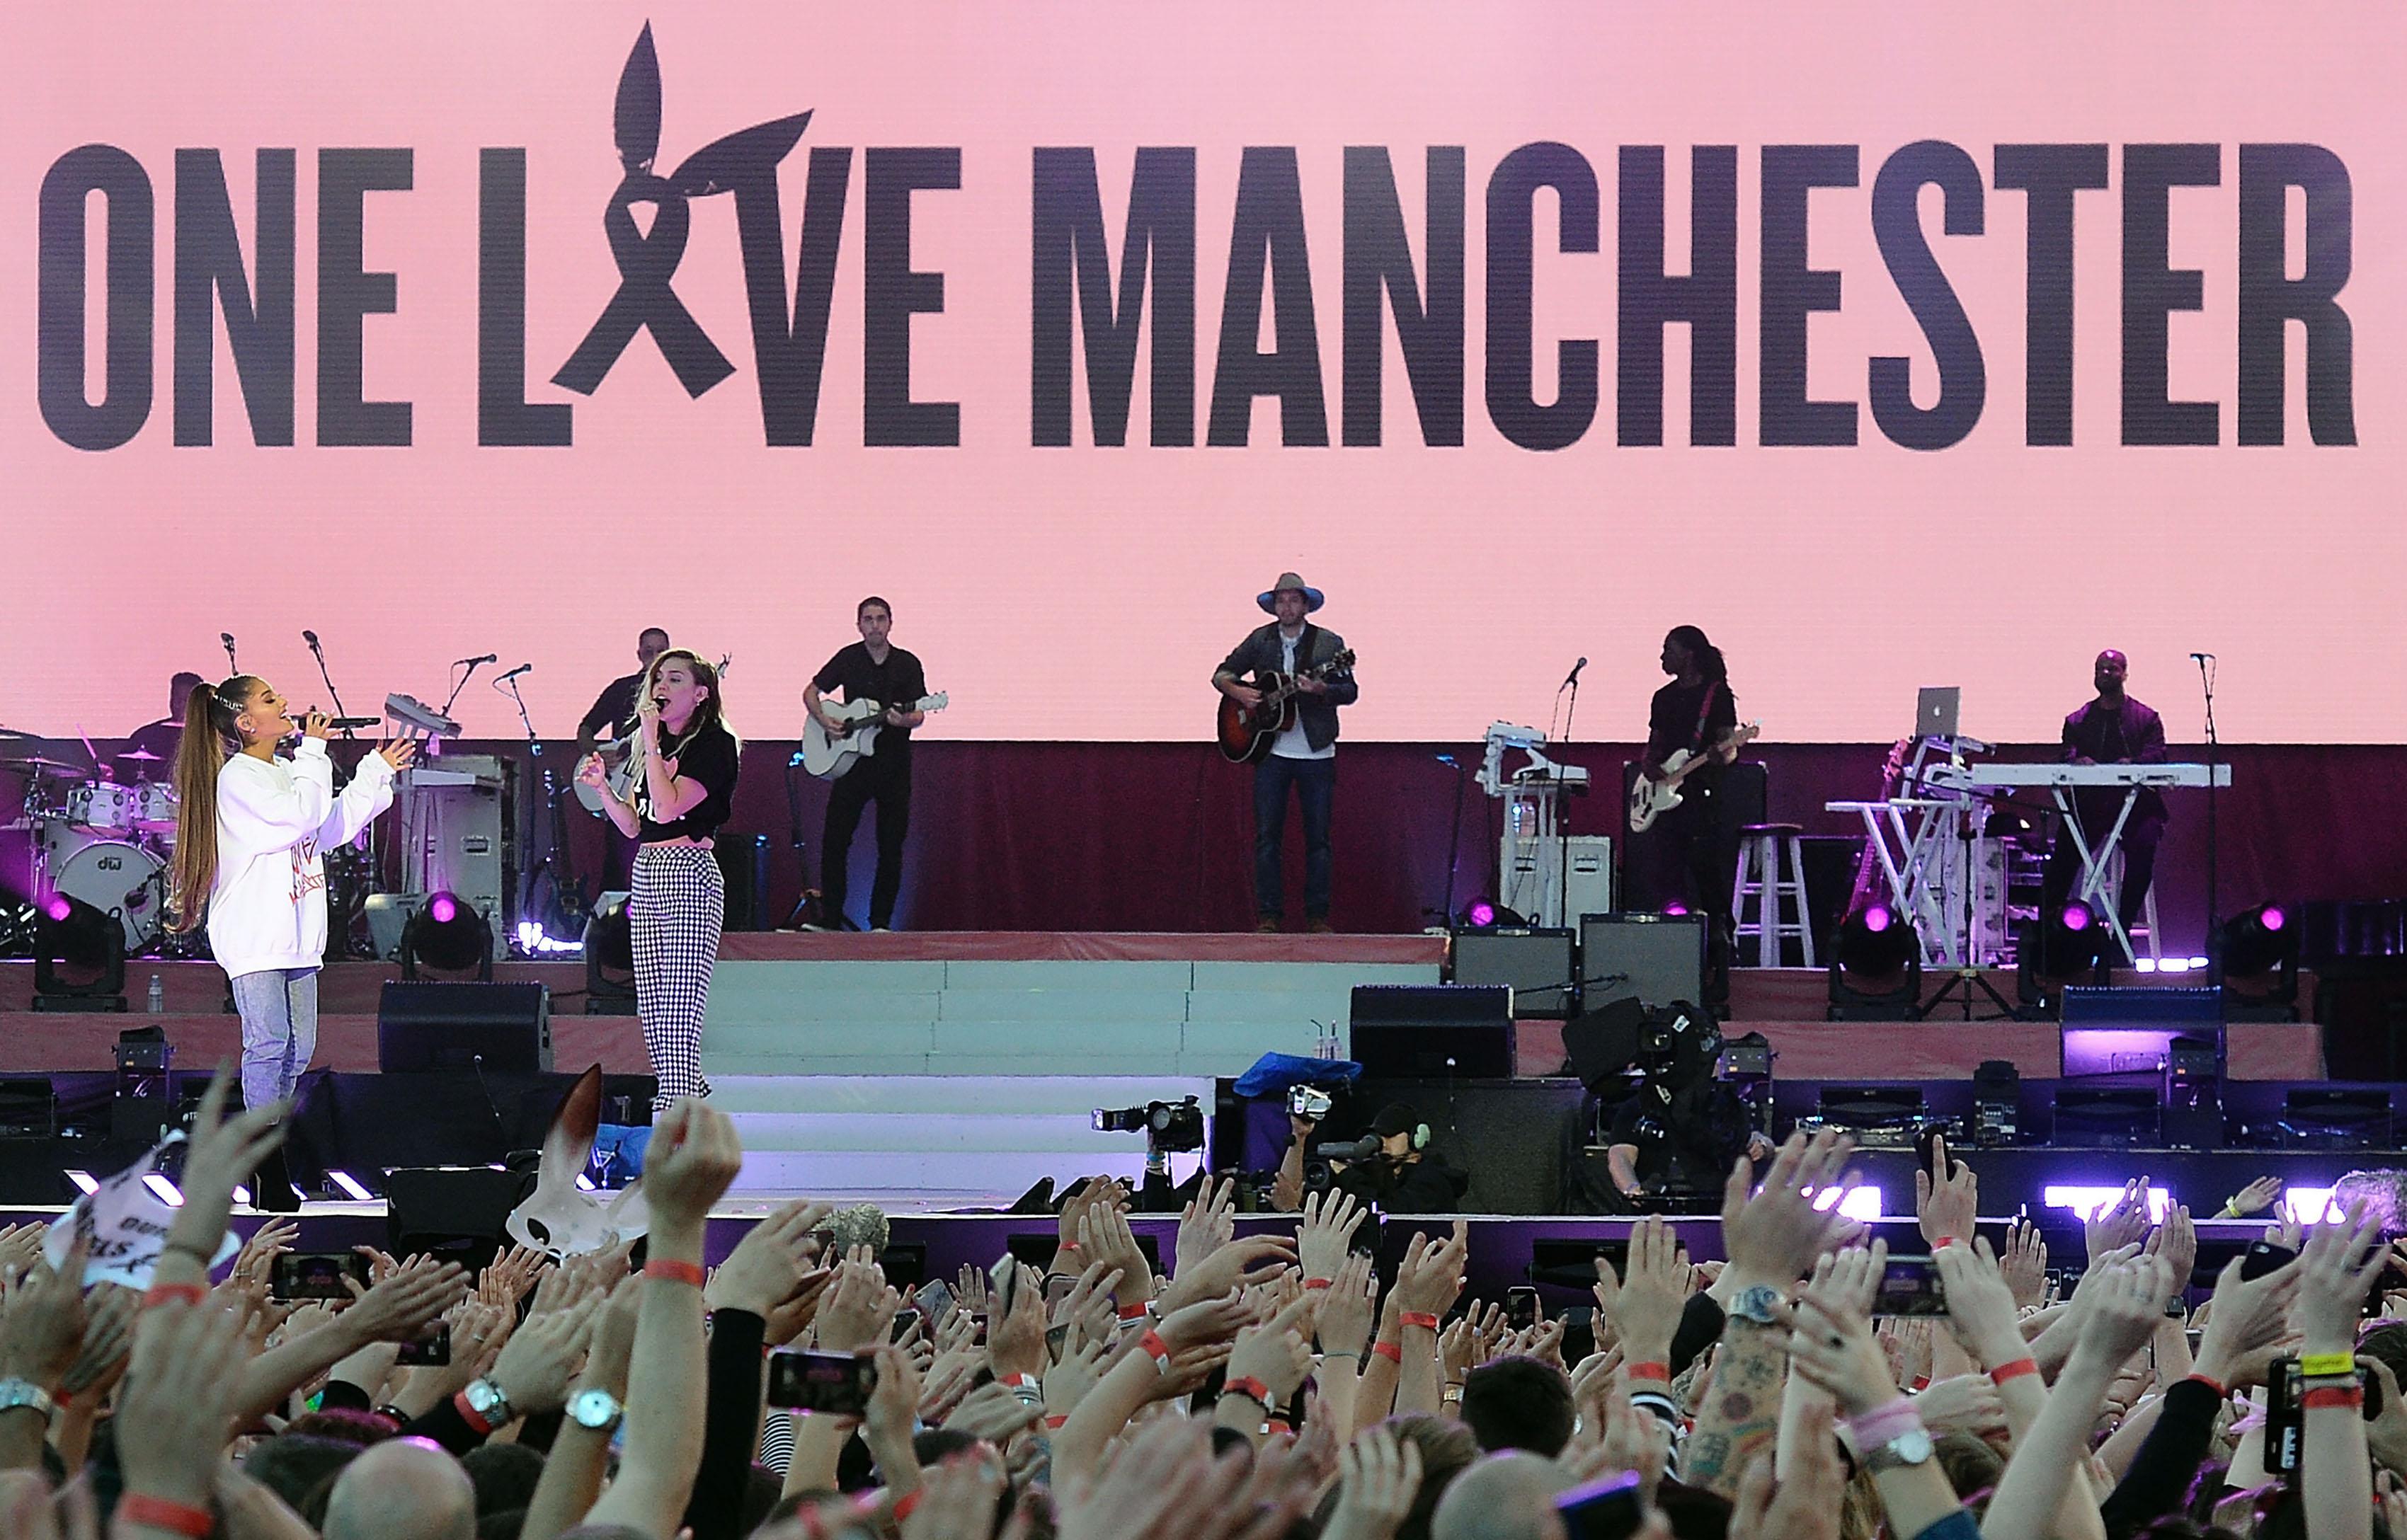 Gigantikus jótékonysági koncerttel tért vissza Manchesterbe Ariana Grande